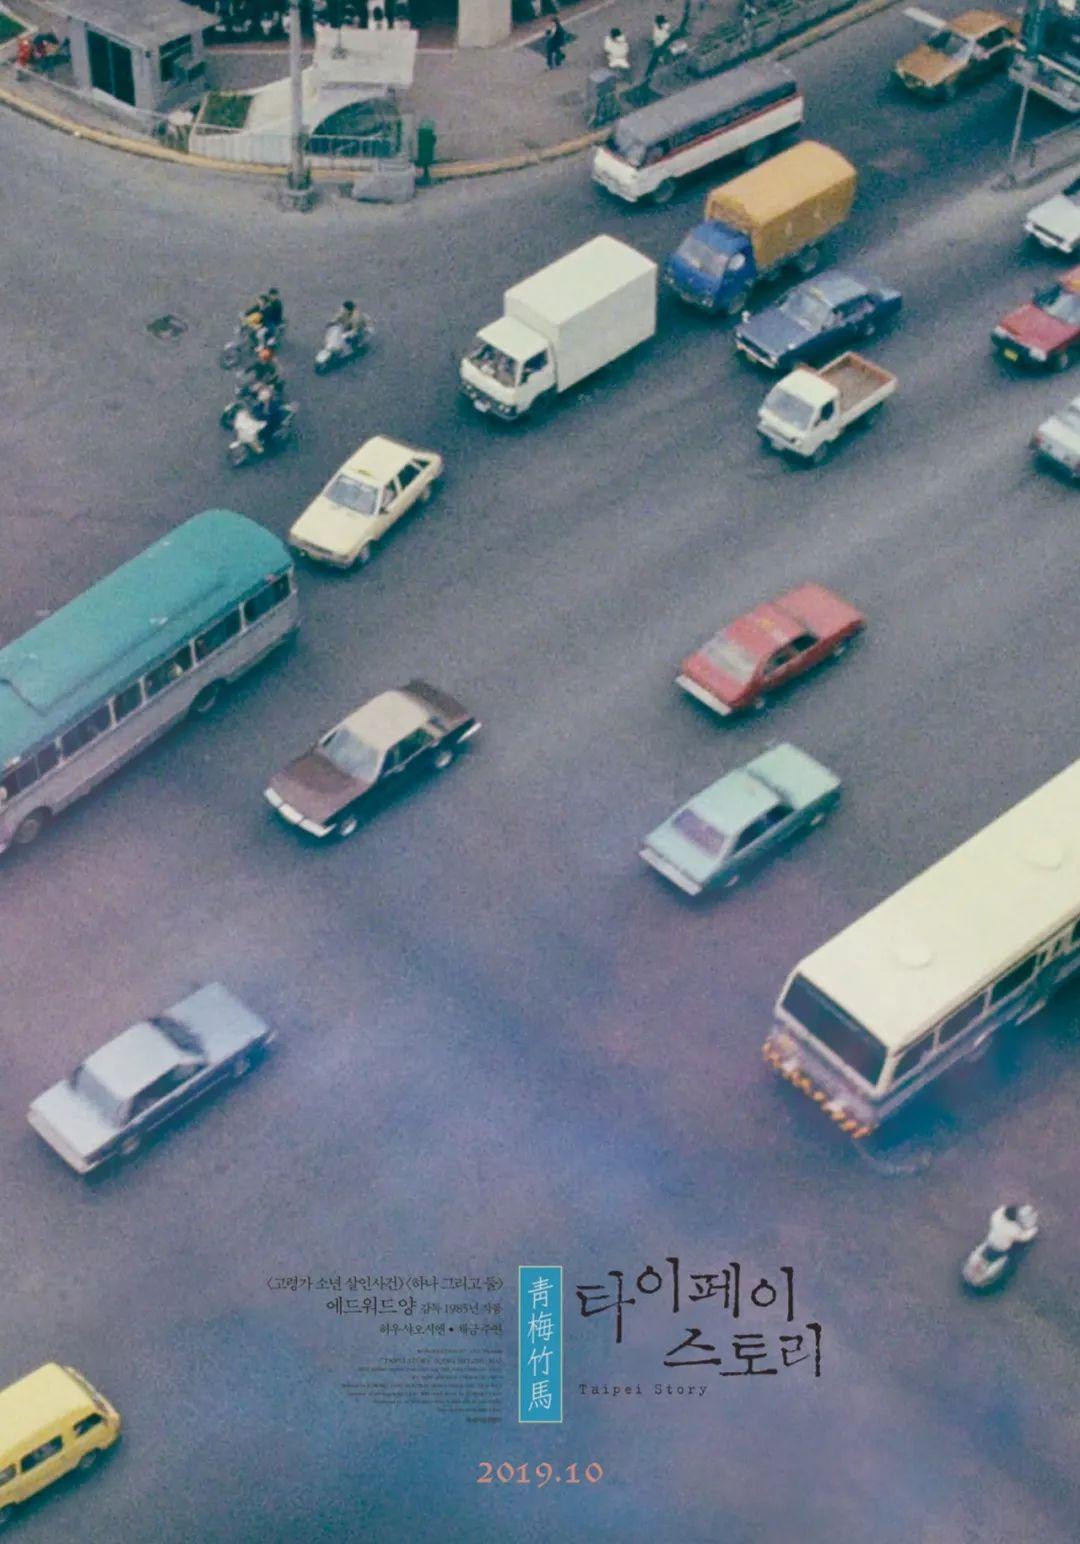 韩国设计工作室PROPAGANDA电影海报设计欣赏